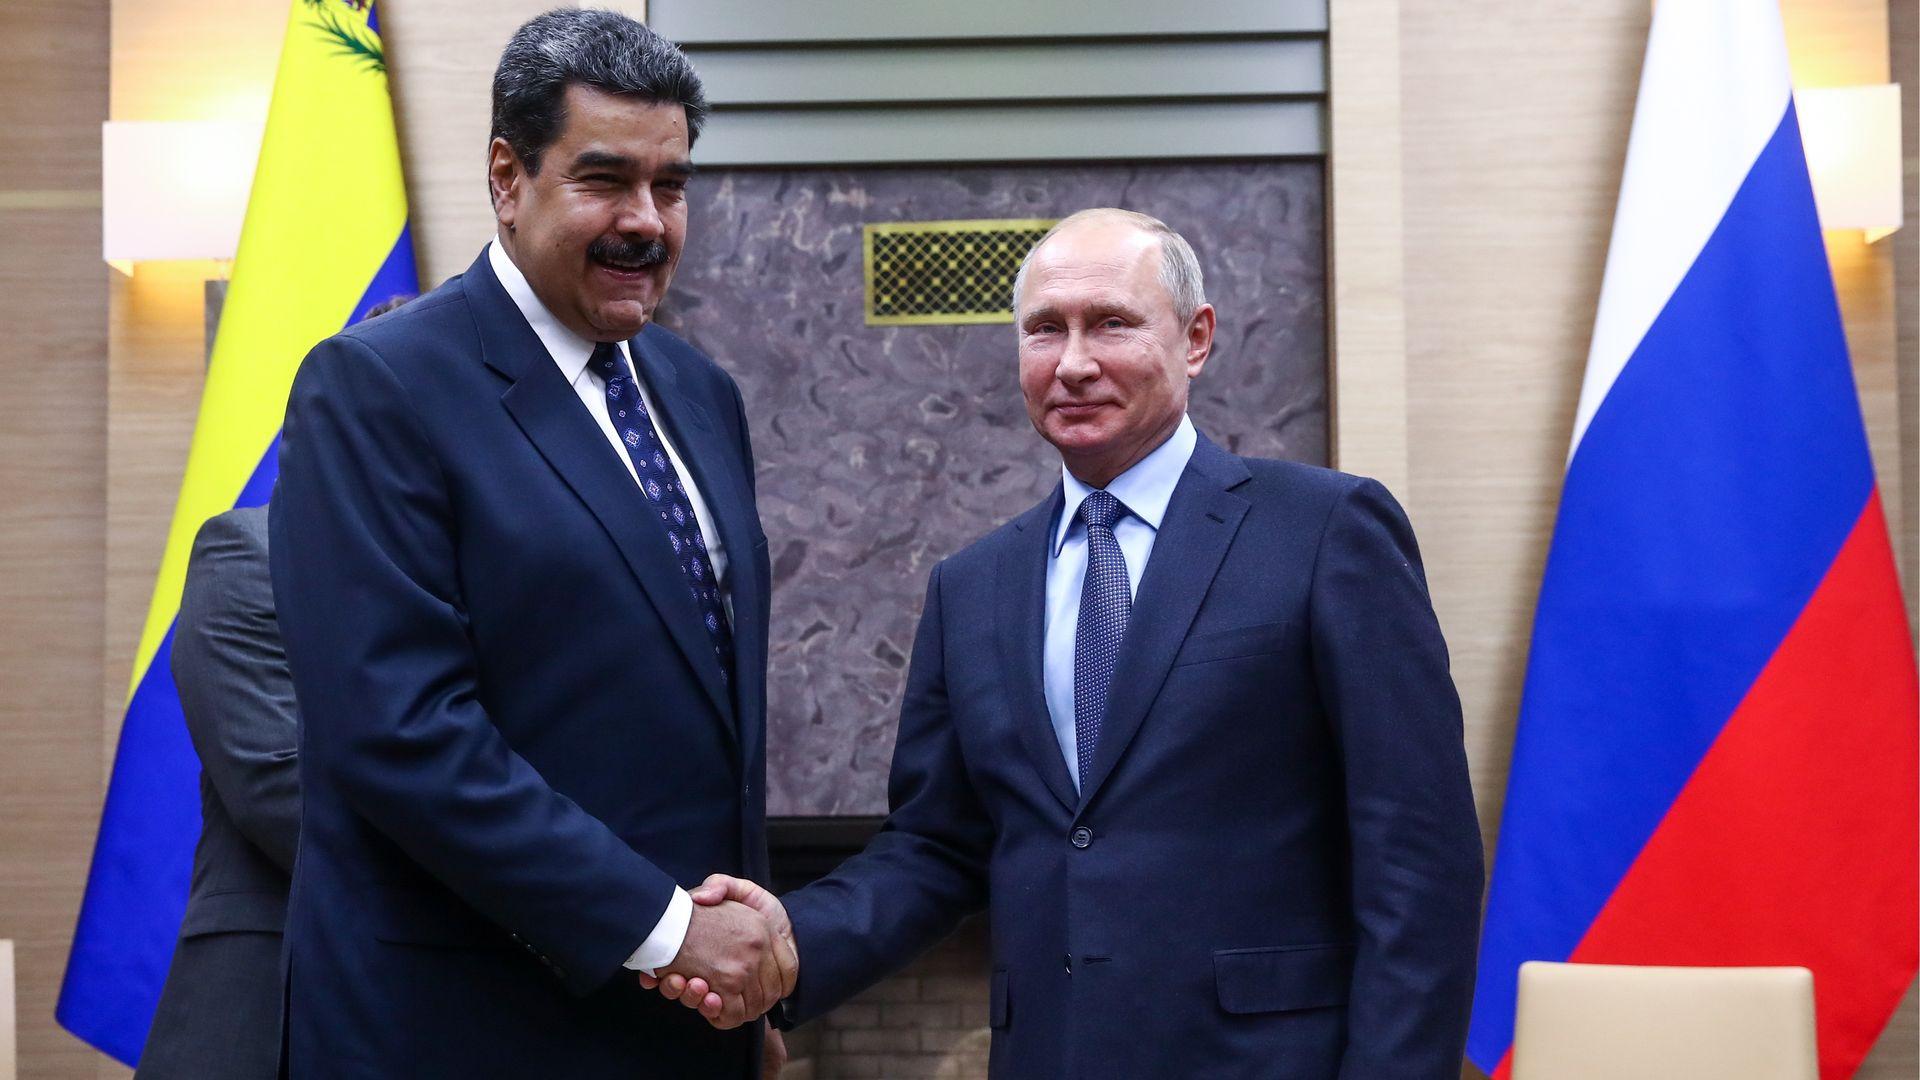 Nicolas Maduro and Vladimir Putin